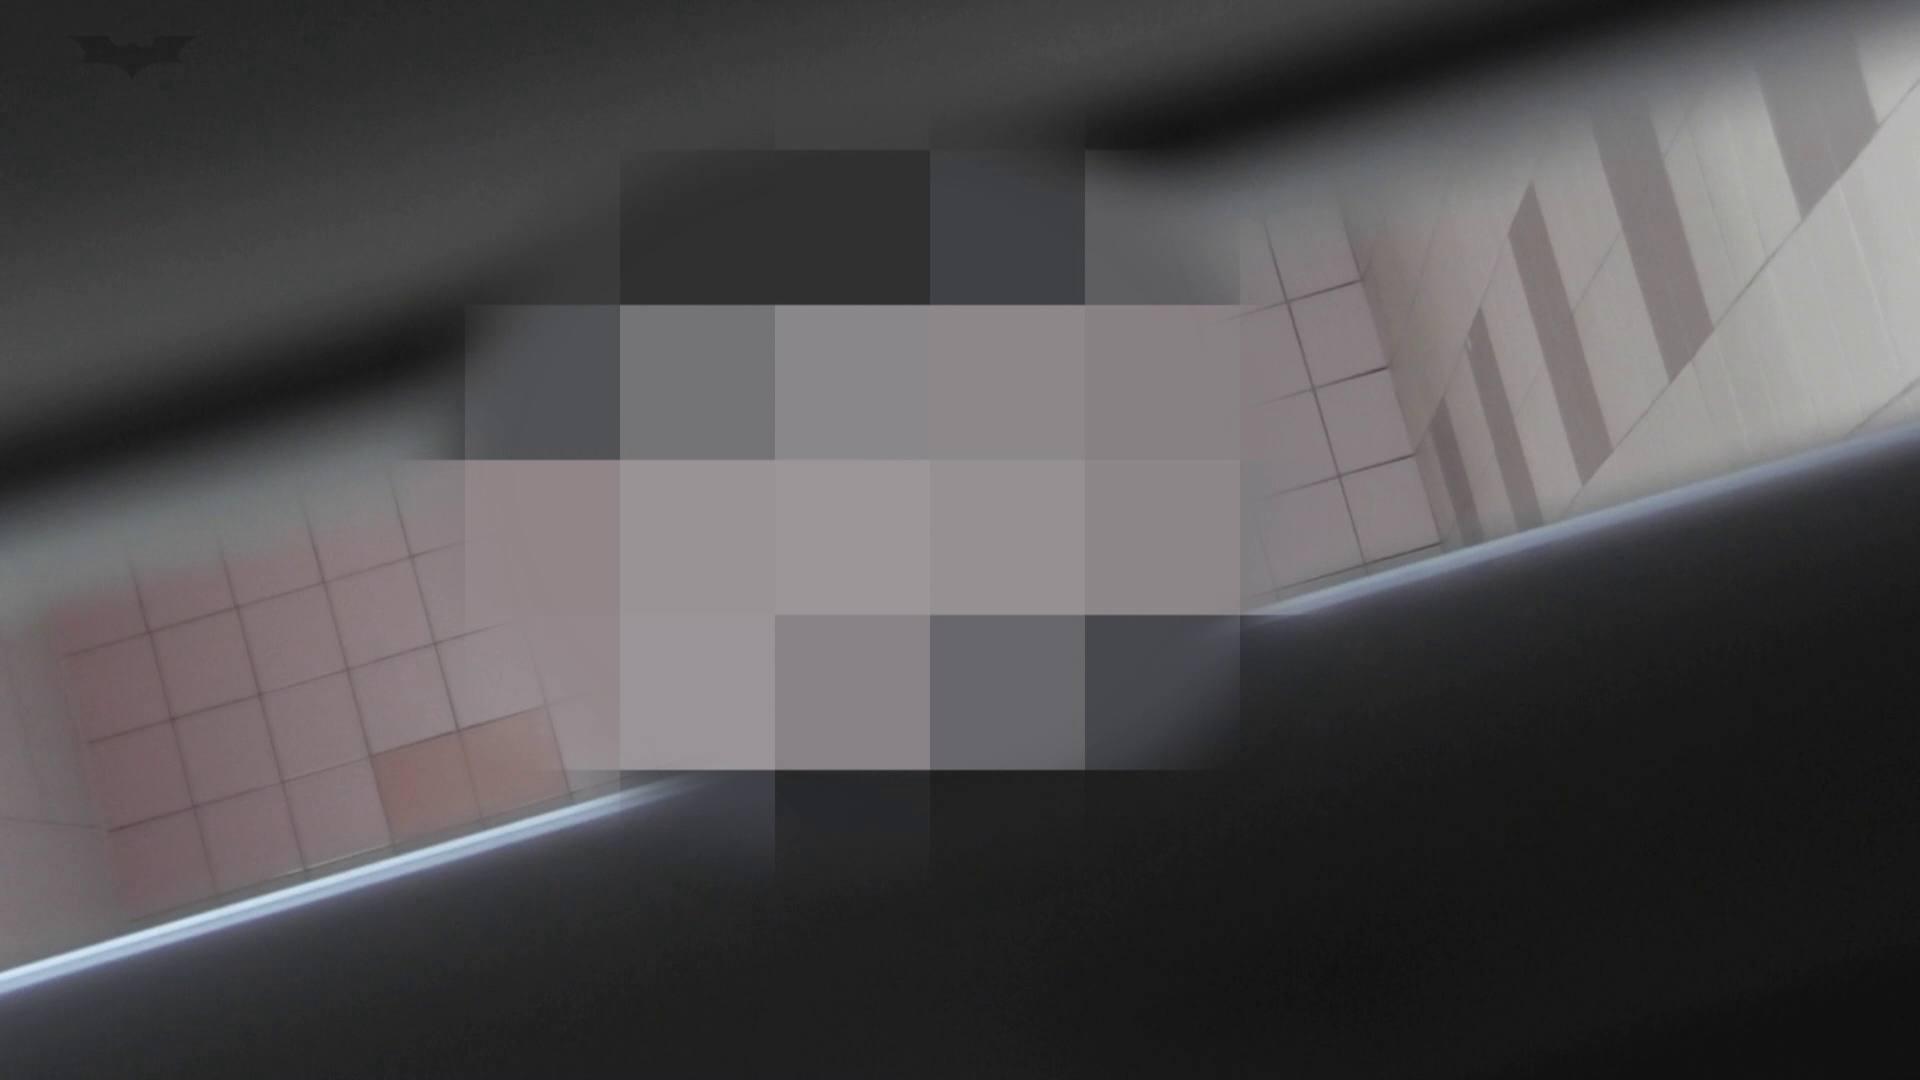 巨乳おまんこ:美しい日本の未来 No.11 進歩!【2015・03位】:怪盗ジョーカー